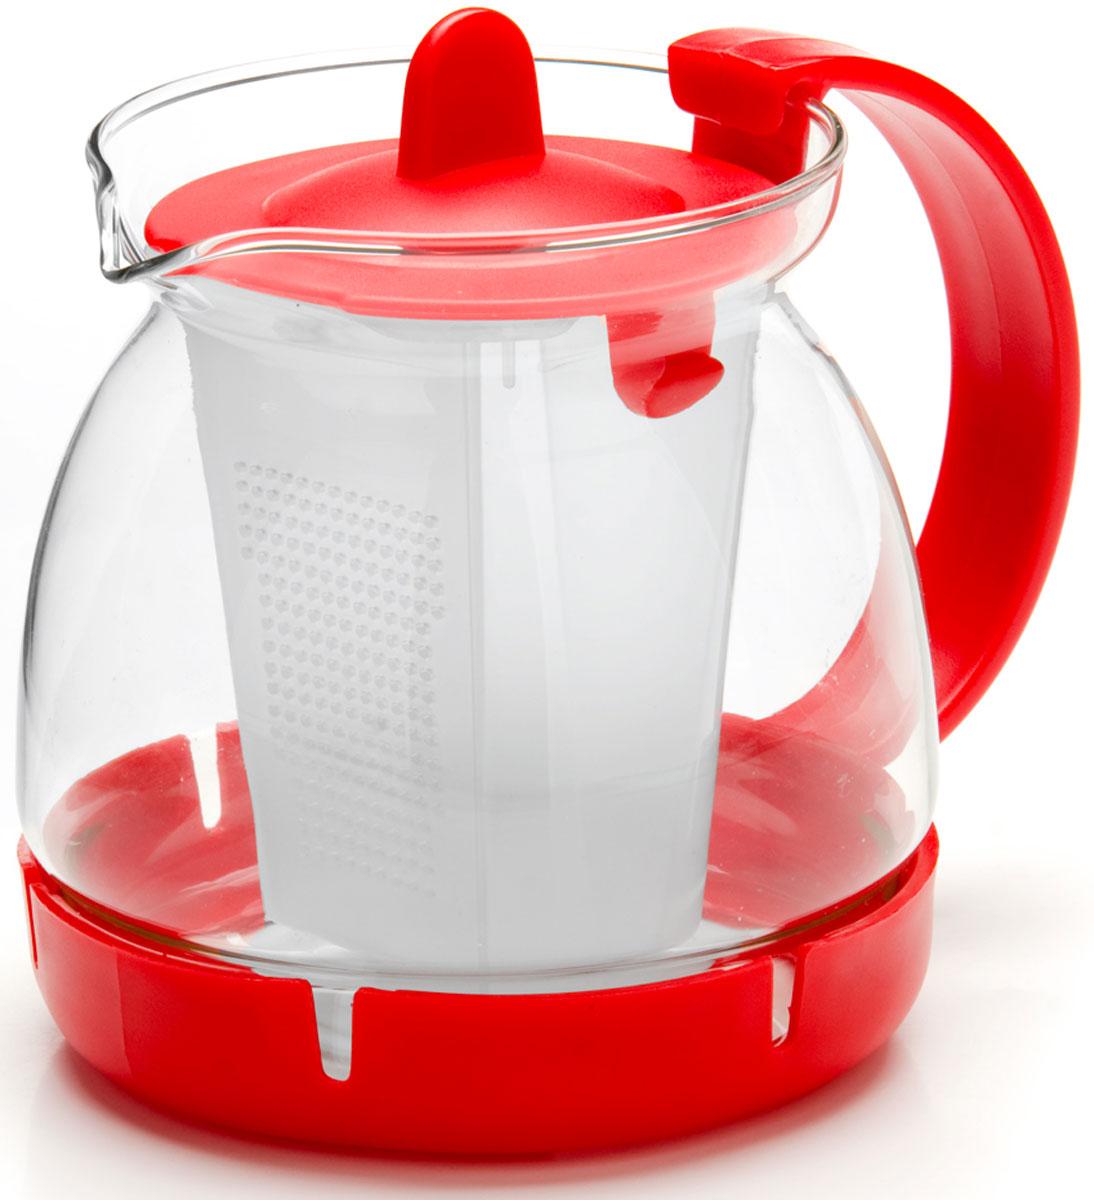 Чайник заварочный Mayer & Boch, с фильтром, 0,8 л. 26175-126175-1Заварочный чайник изготовлен из термостойкого боросиликатного стекла, фильтр выполнены из полипропилена. Изделия из стекла не впитывают запахи, благодаря чему вы всегда получите натуральный, насыщенный вкус и аромат напитков. Фильтр гарантирует прозрачность и чистоту напитка от чайных листьев, при этом сохранив букет и насыщенность чая. Подходит для мытья в посудомоечной машине.Объем чайника: 800 мл.